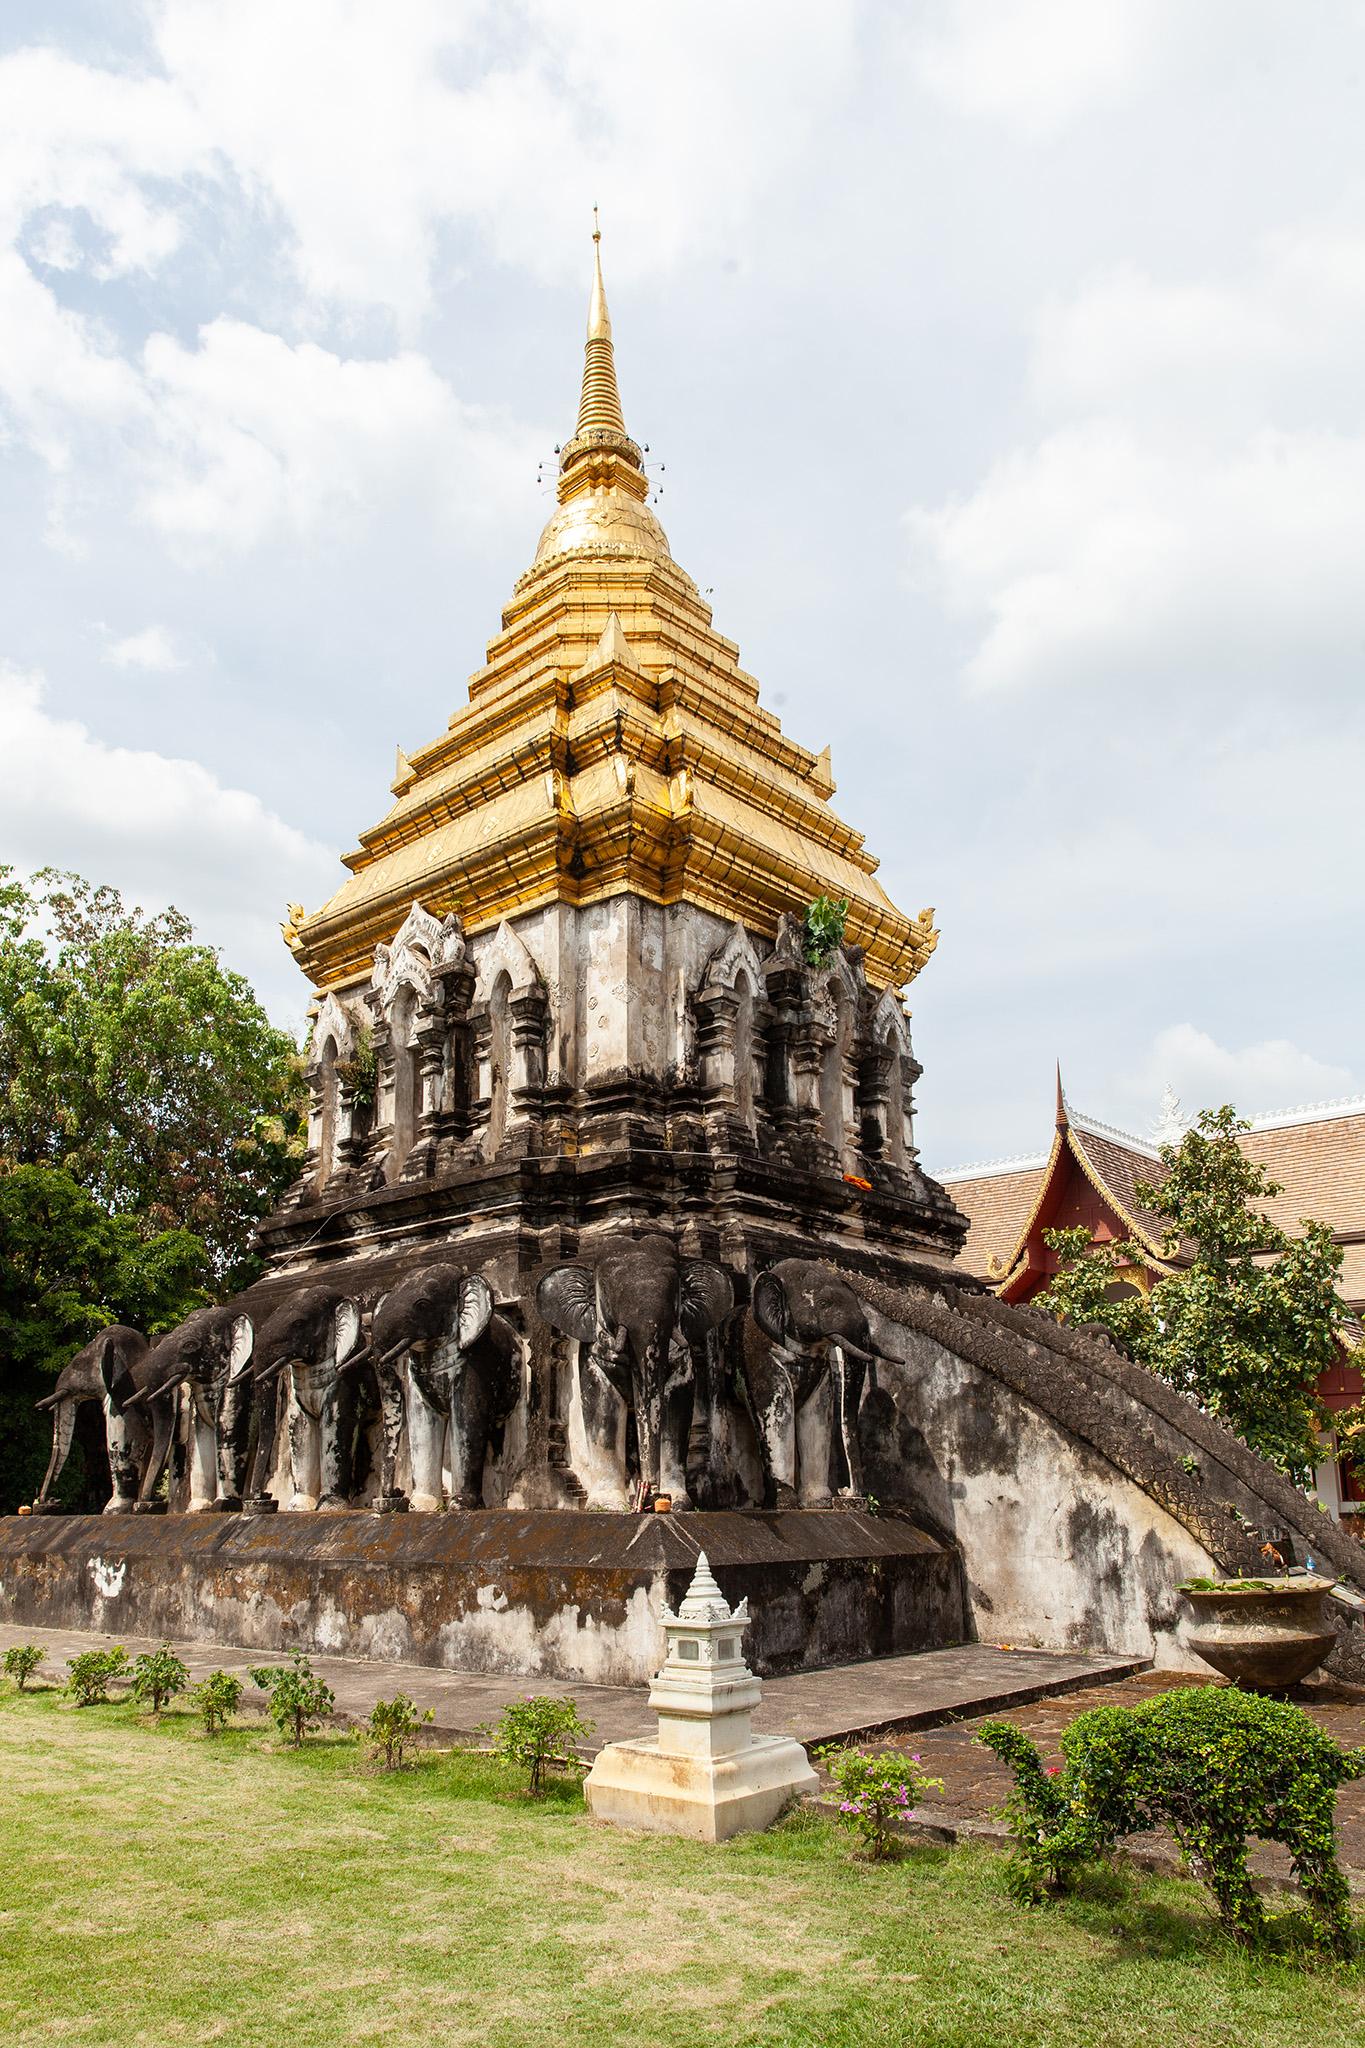 Elephant pagoda at Wat Chiang Man